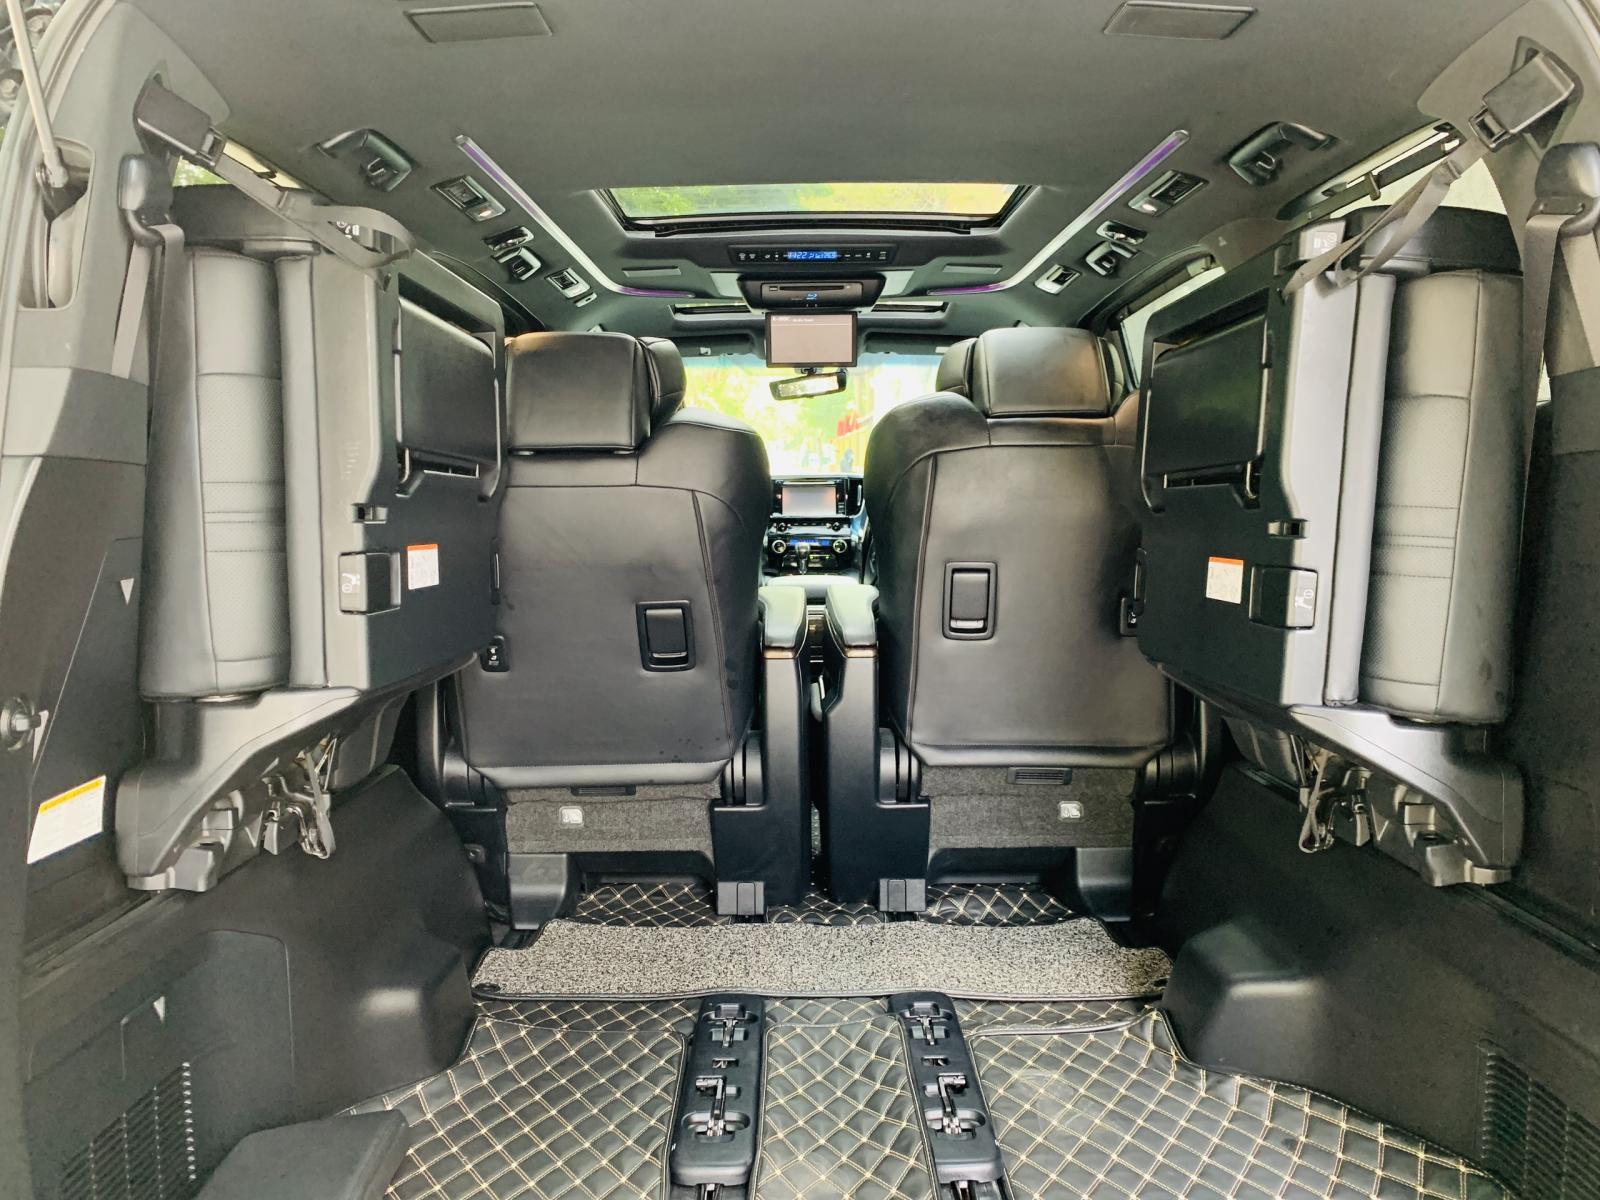 Cần bán gấp Toyota Alphard Executive Lounge đời 2019, màu đen, nhập khẩu chính hãng